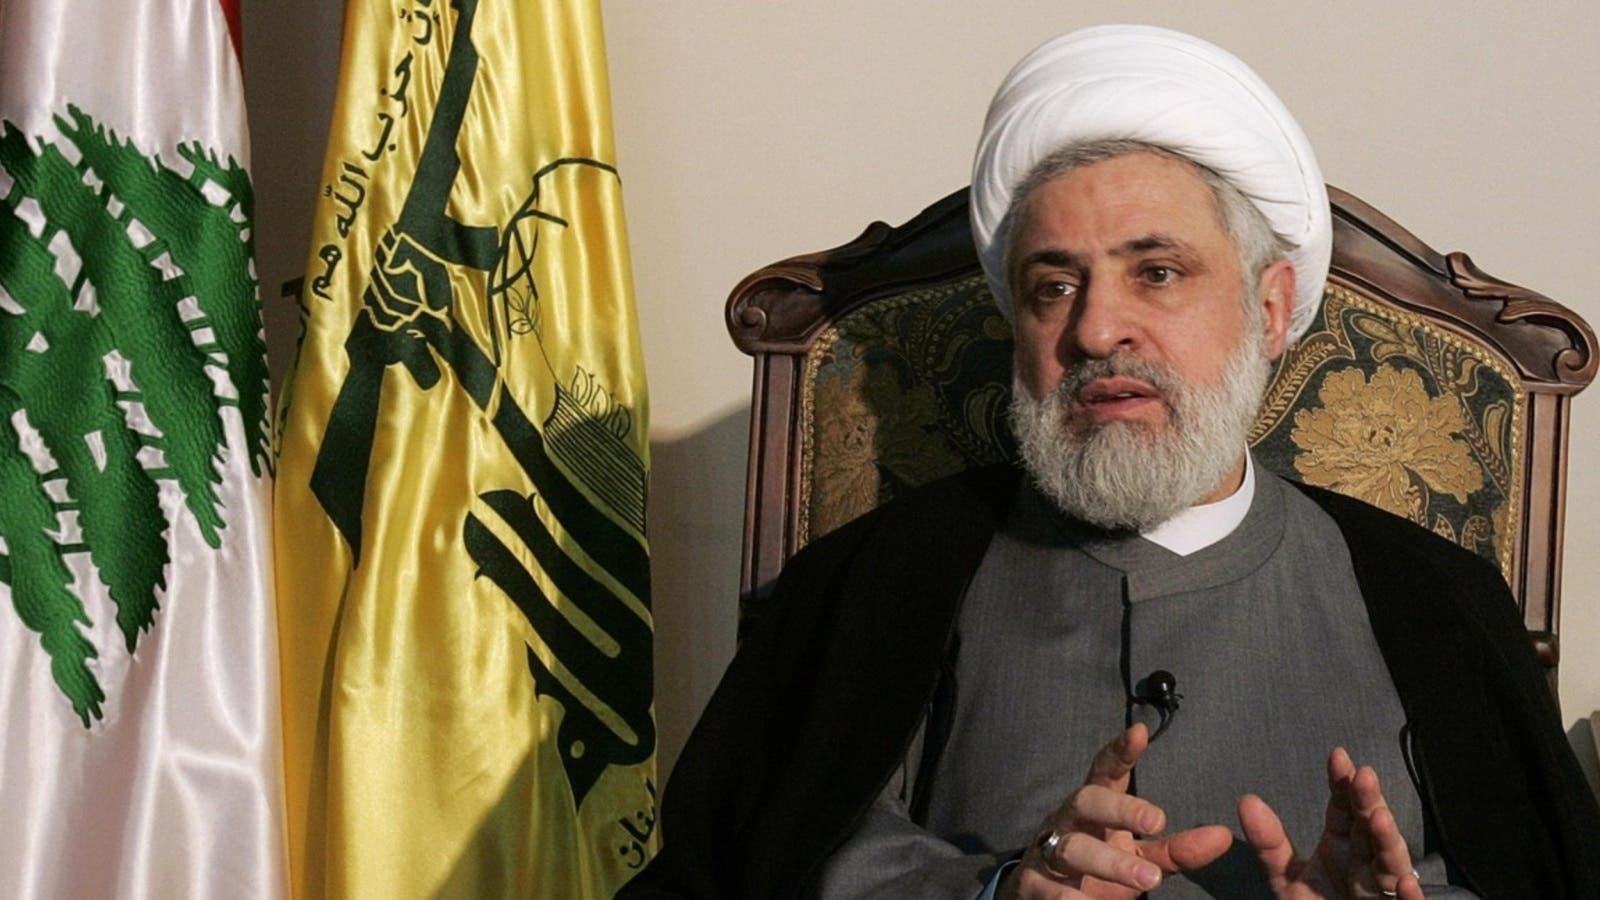 حزب الله: القدرات الدفاعية الايرانية تردع الولايات المتحدة